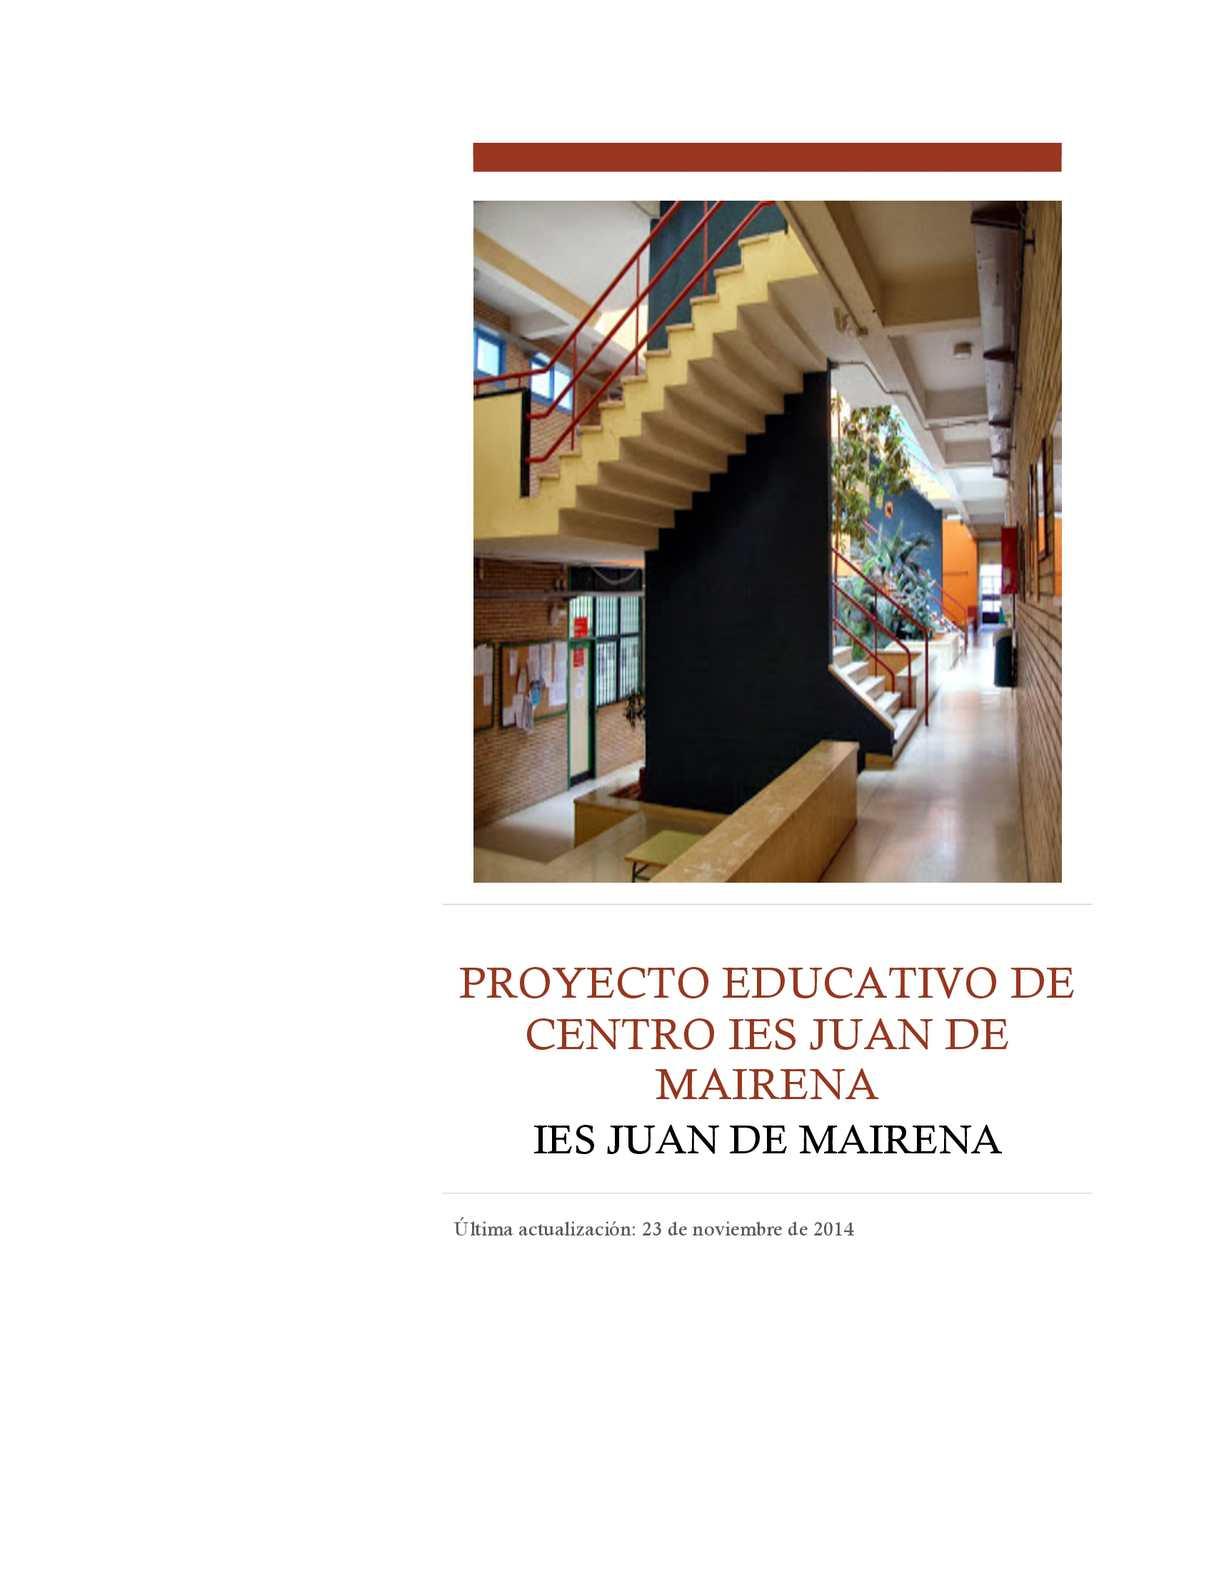 Proyectoeducativo Juande